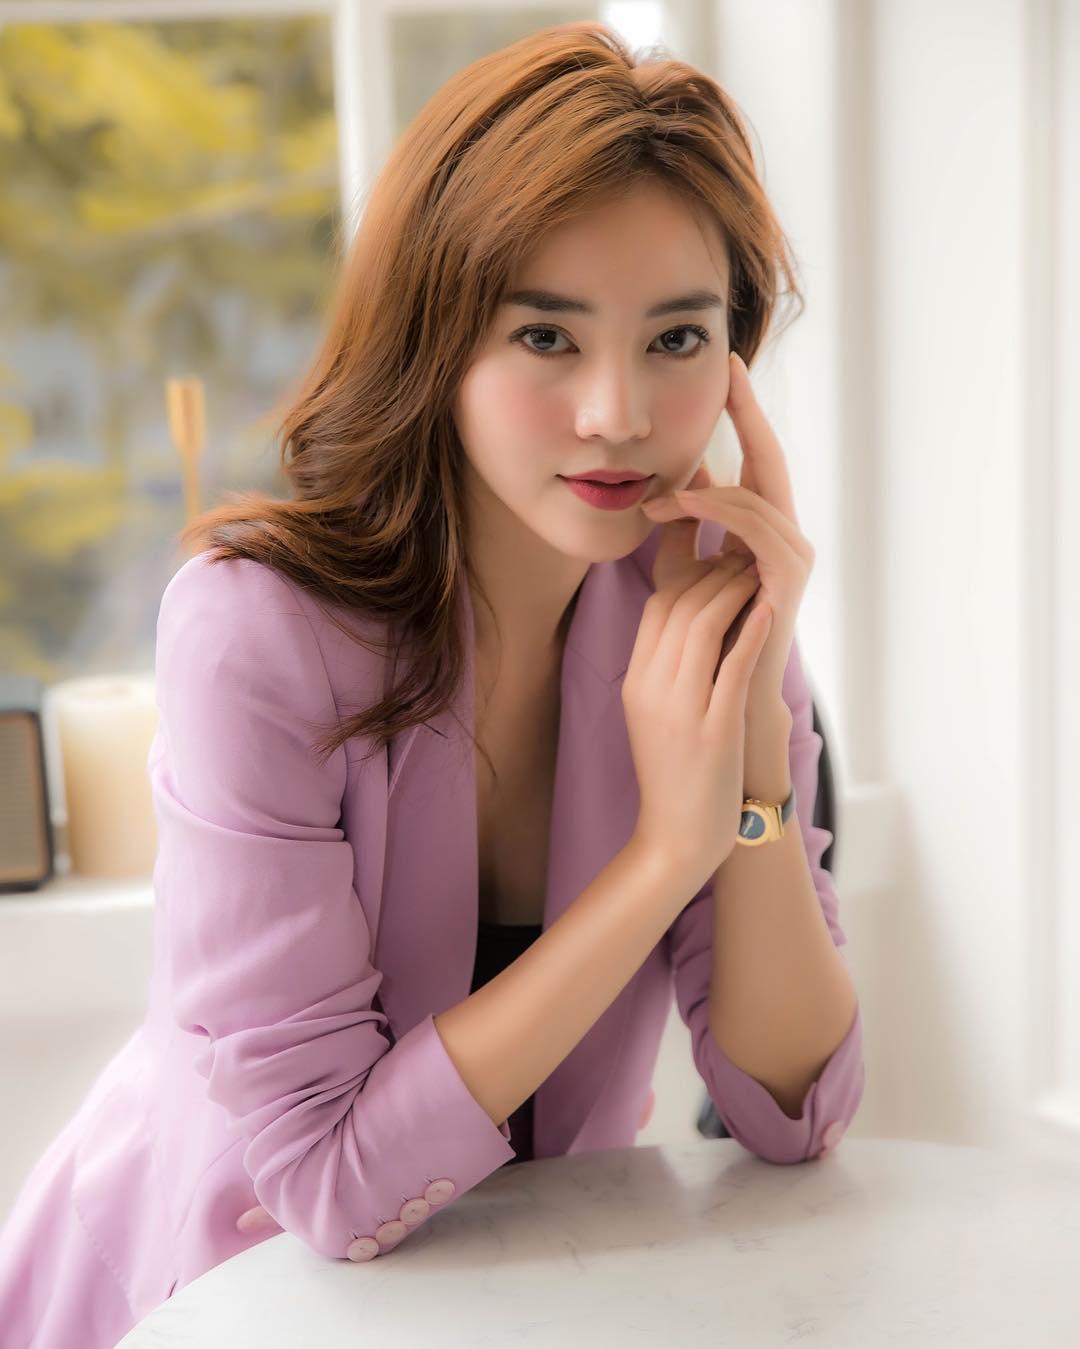 Ninh Dương Lan Ngọc chính thức gia nhập 'cuộc đua' gợi cảm của showbiz Việt - Ảnh 1